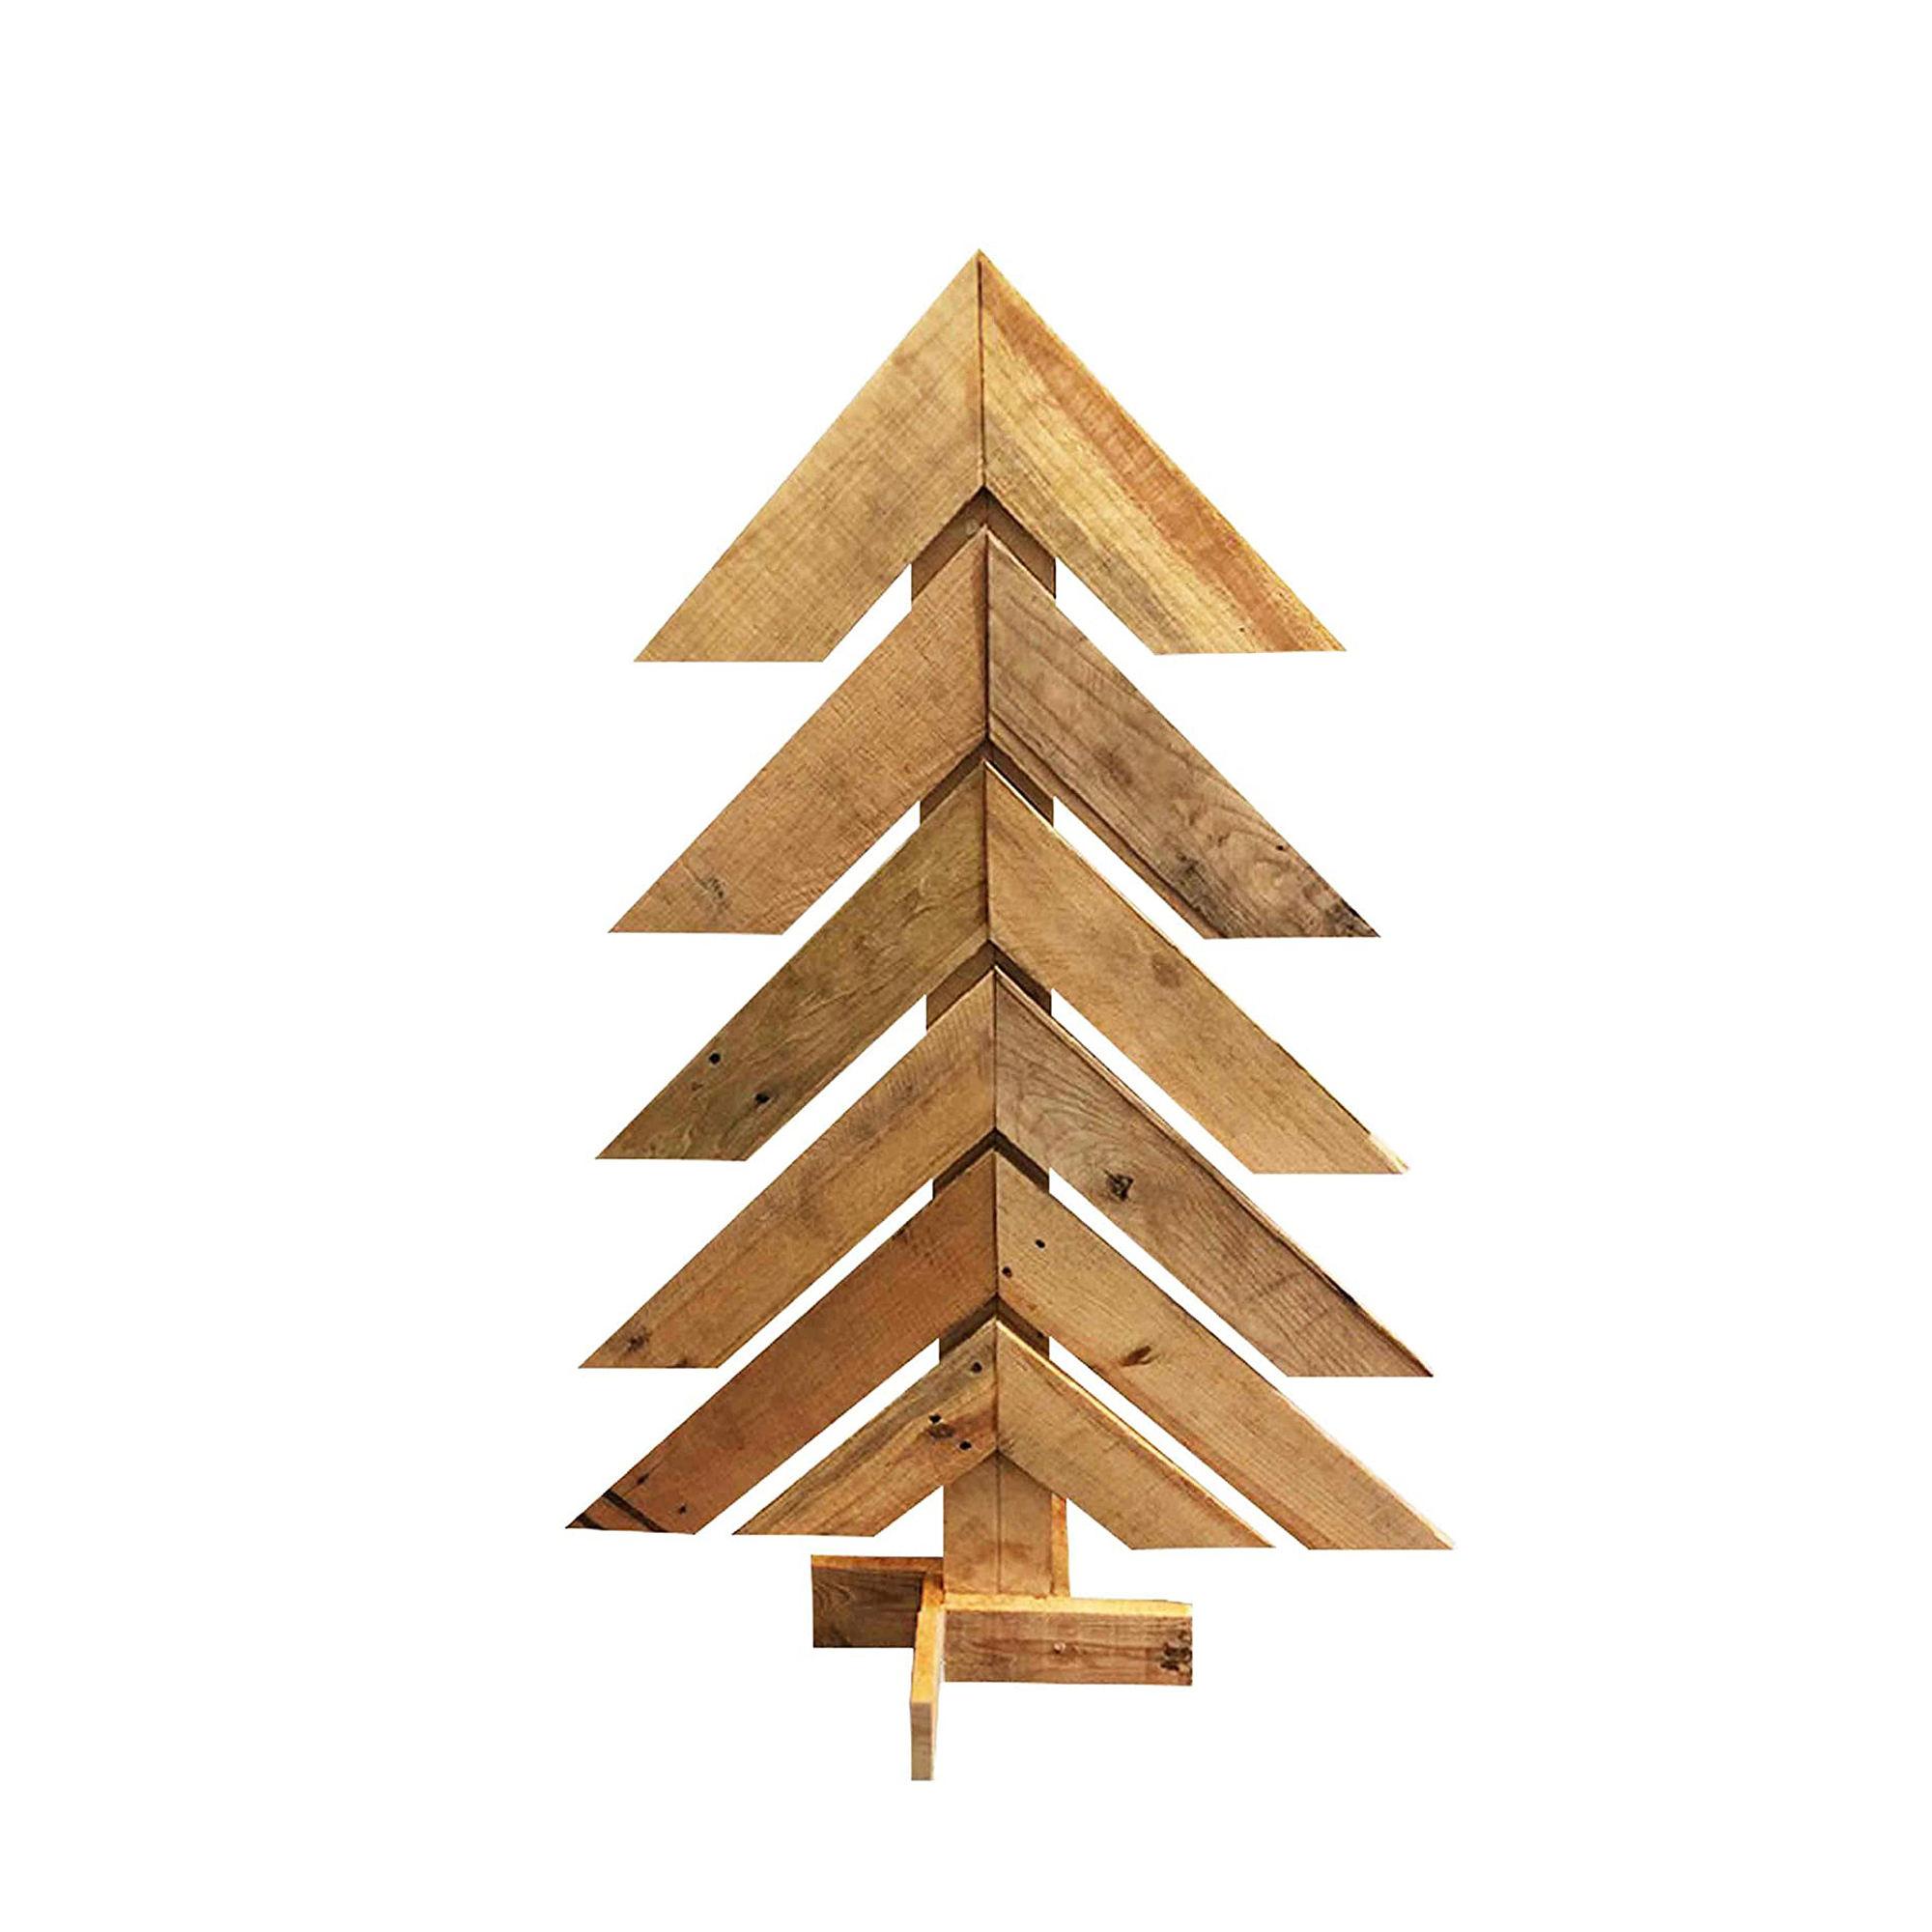 아마존 대형 실내 나무 <span class=keywords><strong>크리스마스</strong></span> 트리 40 인치 <span class=keywords><strong>크리스마스</strong></span> 스탠드 나무 나무 키트 기본